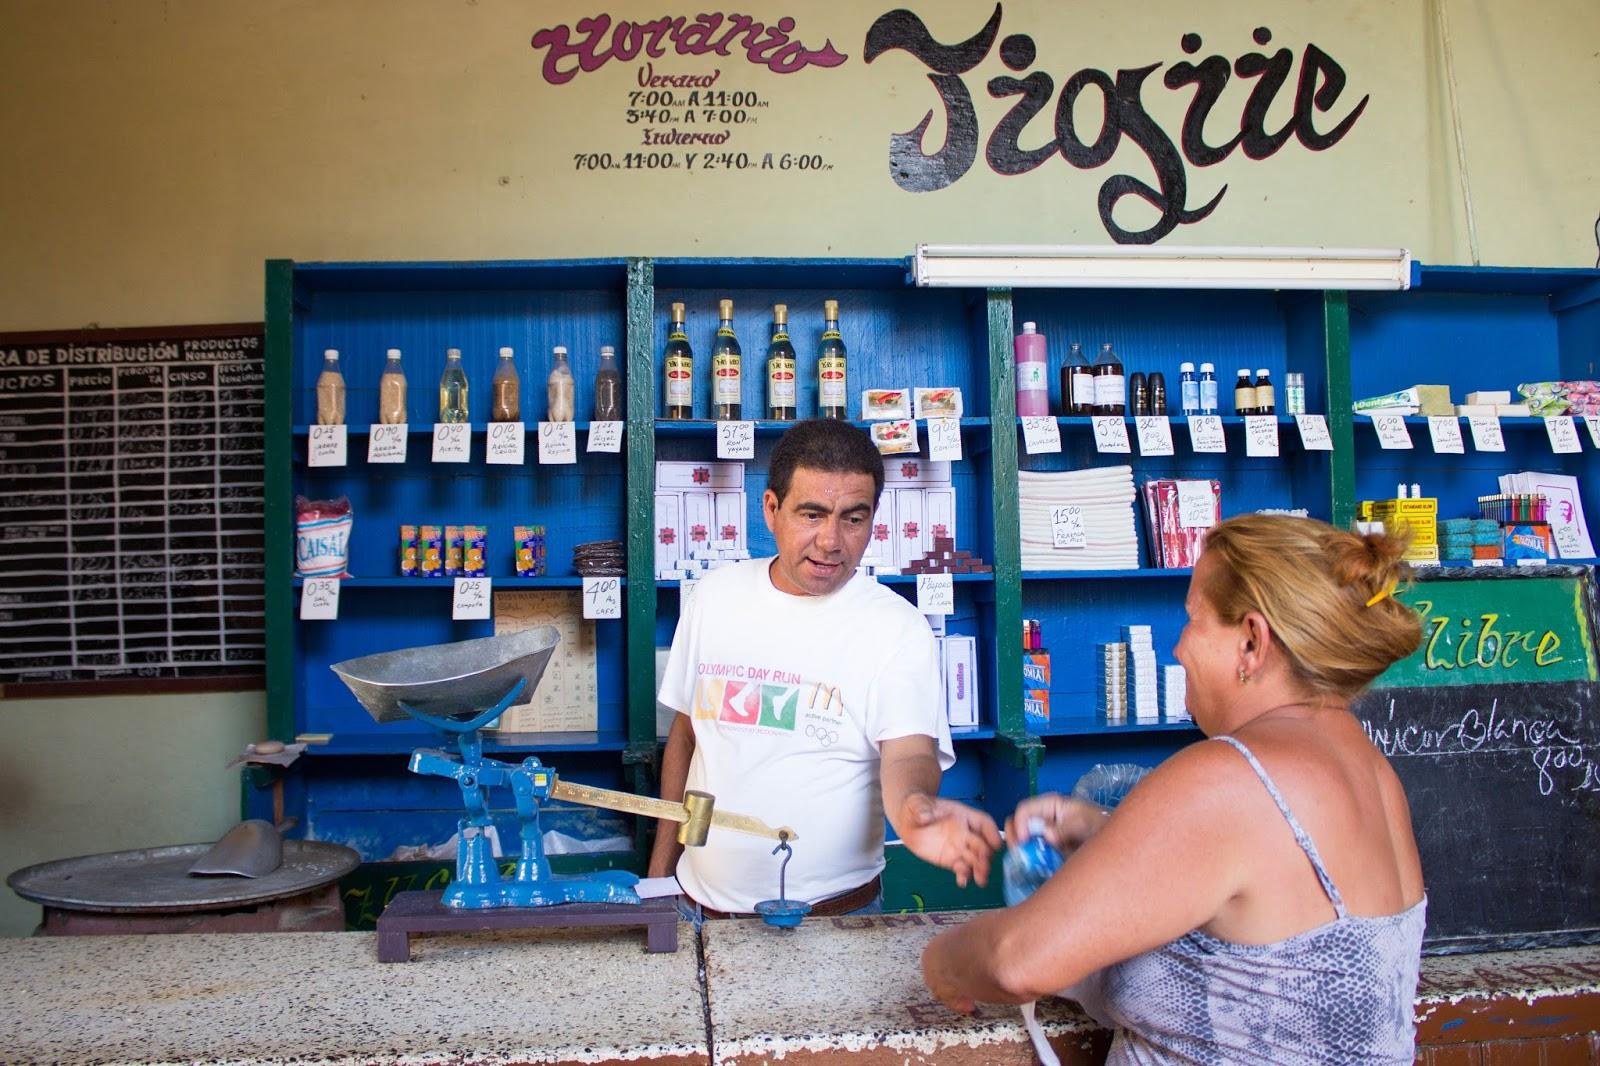 Trinidad_Cuba_Travel_Guide281129